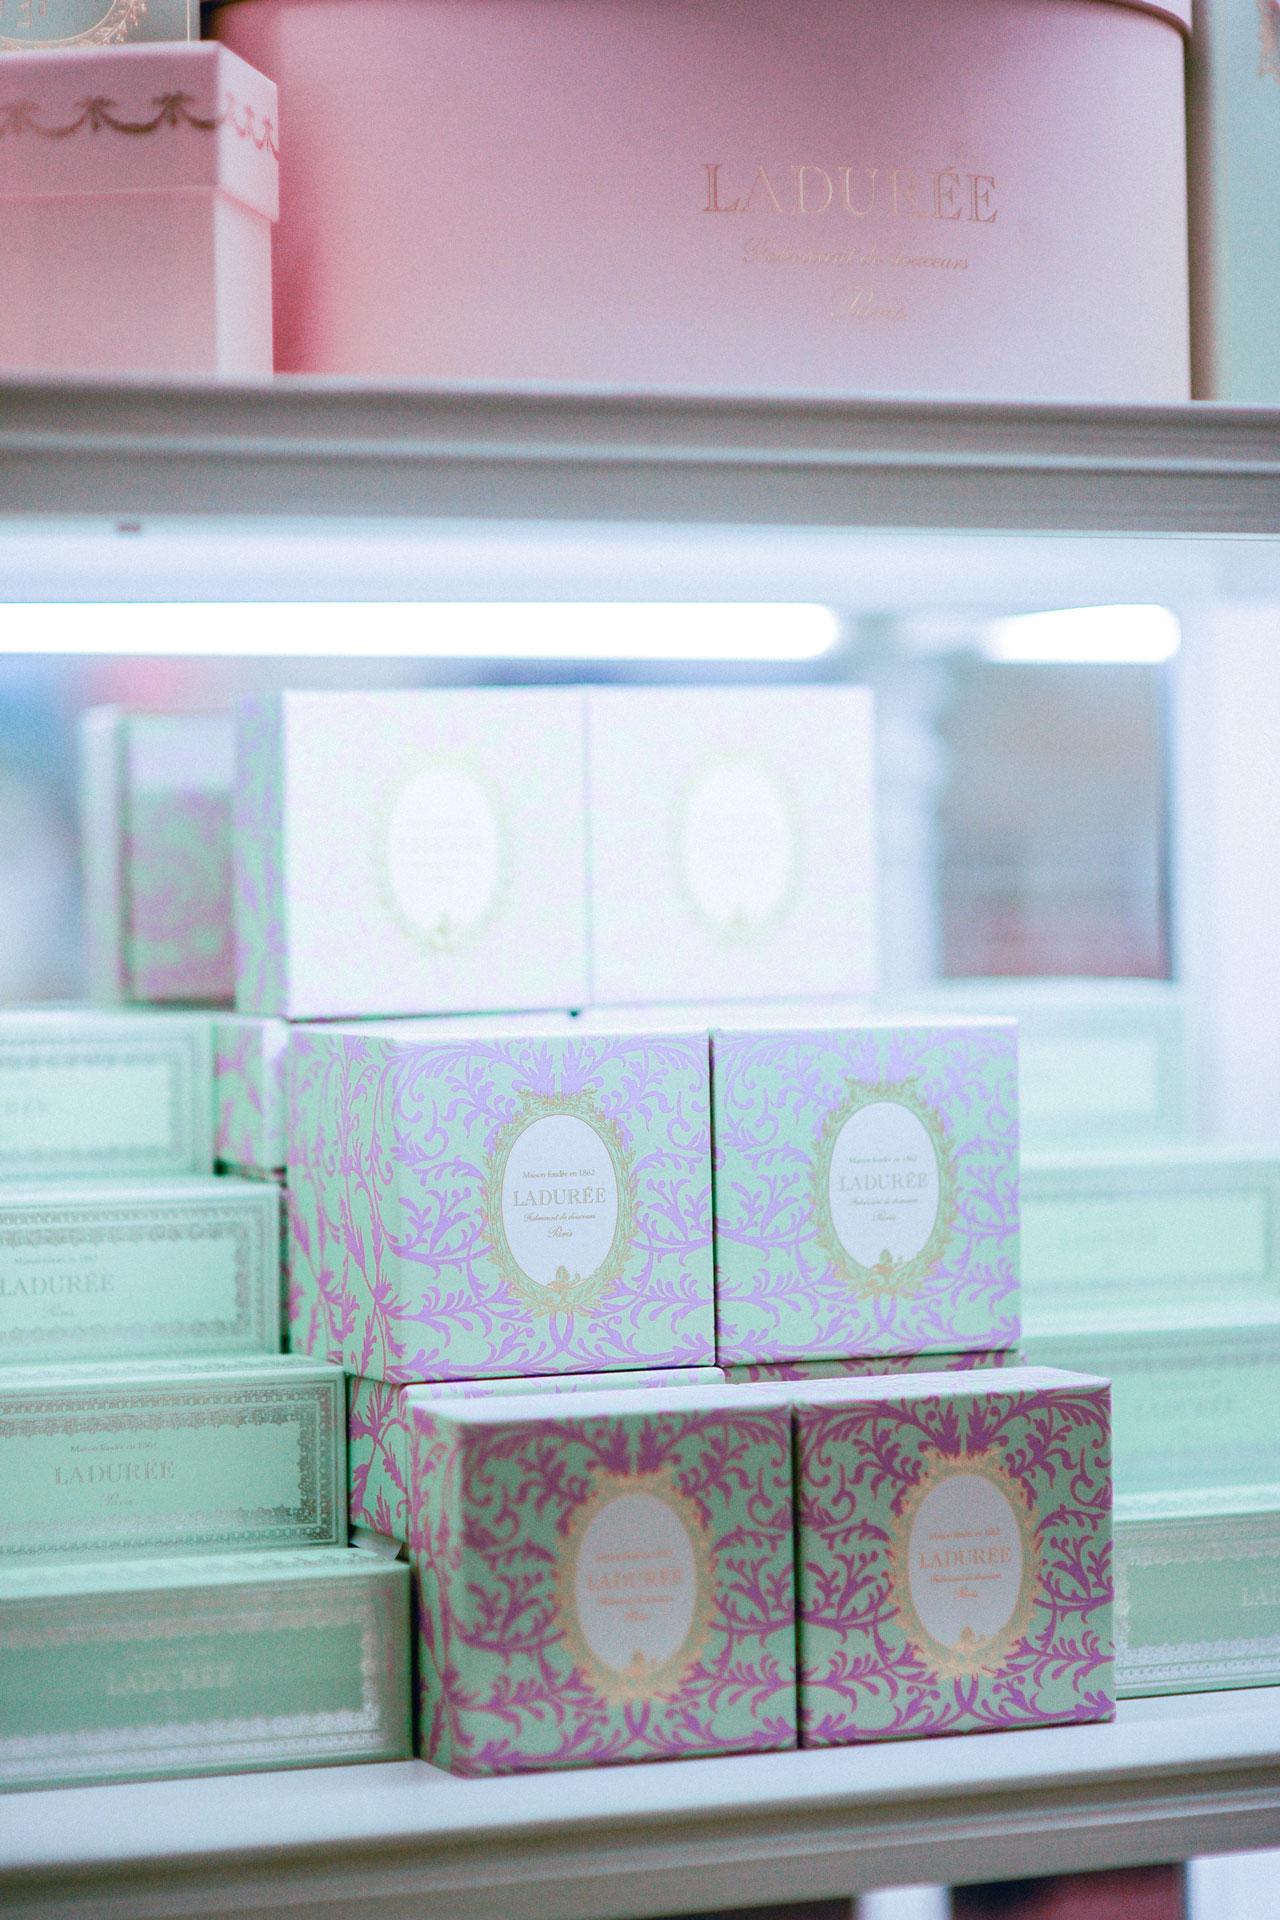 Ladurée французский макарон интервью торт свадебный фото 16